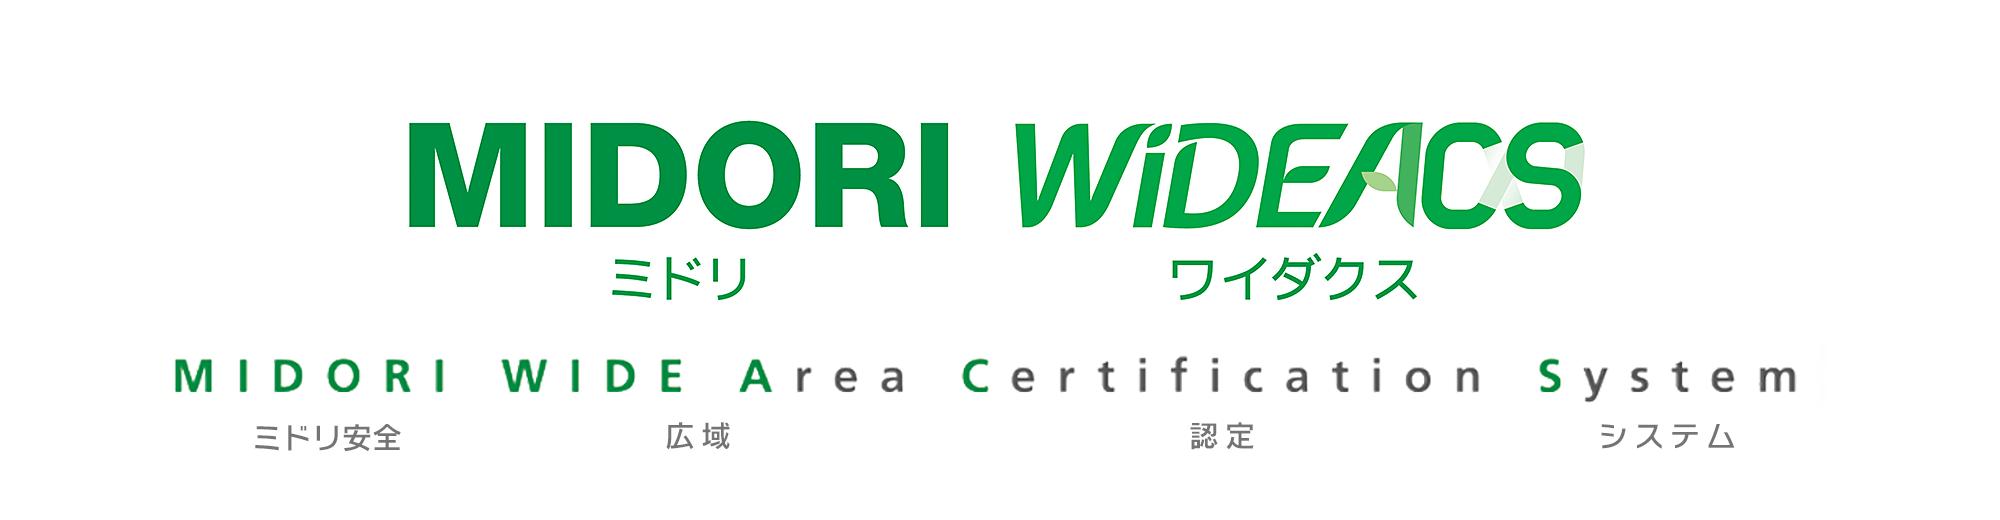 ミドリ安全《広域認定》システム「MIDORI WIDEACS(ミドリワイダクス)」